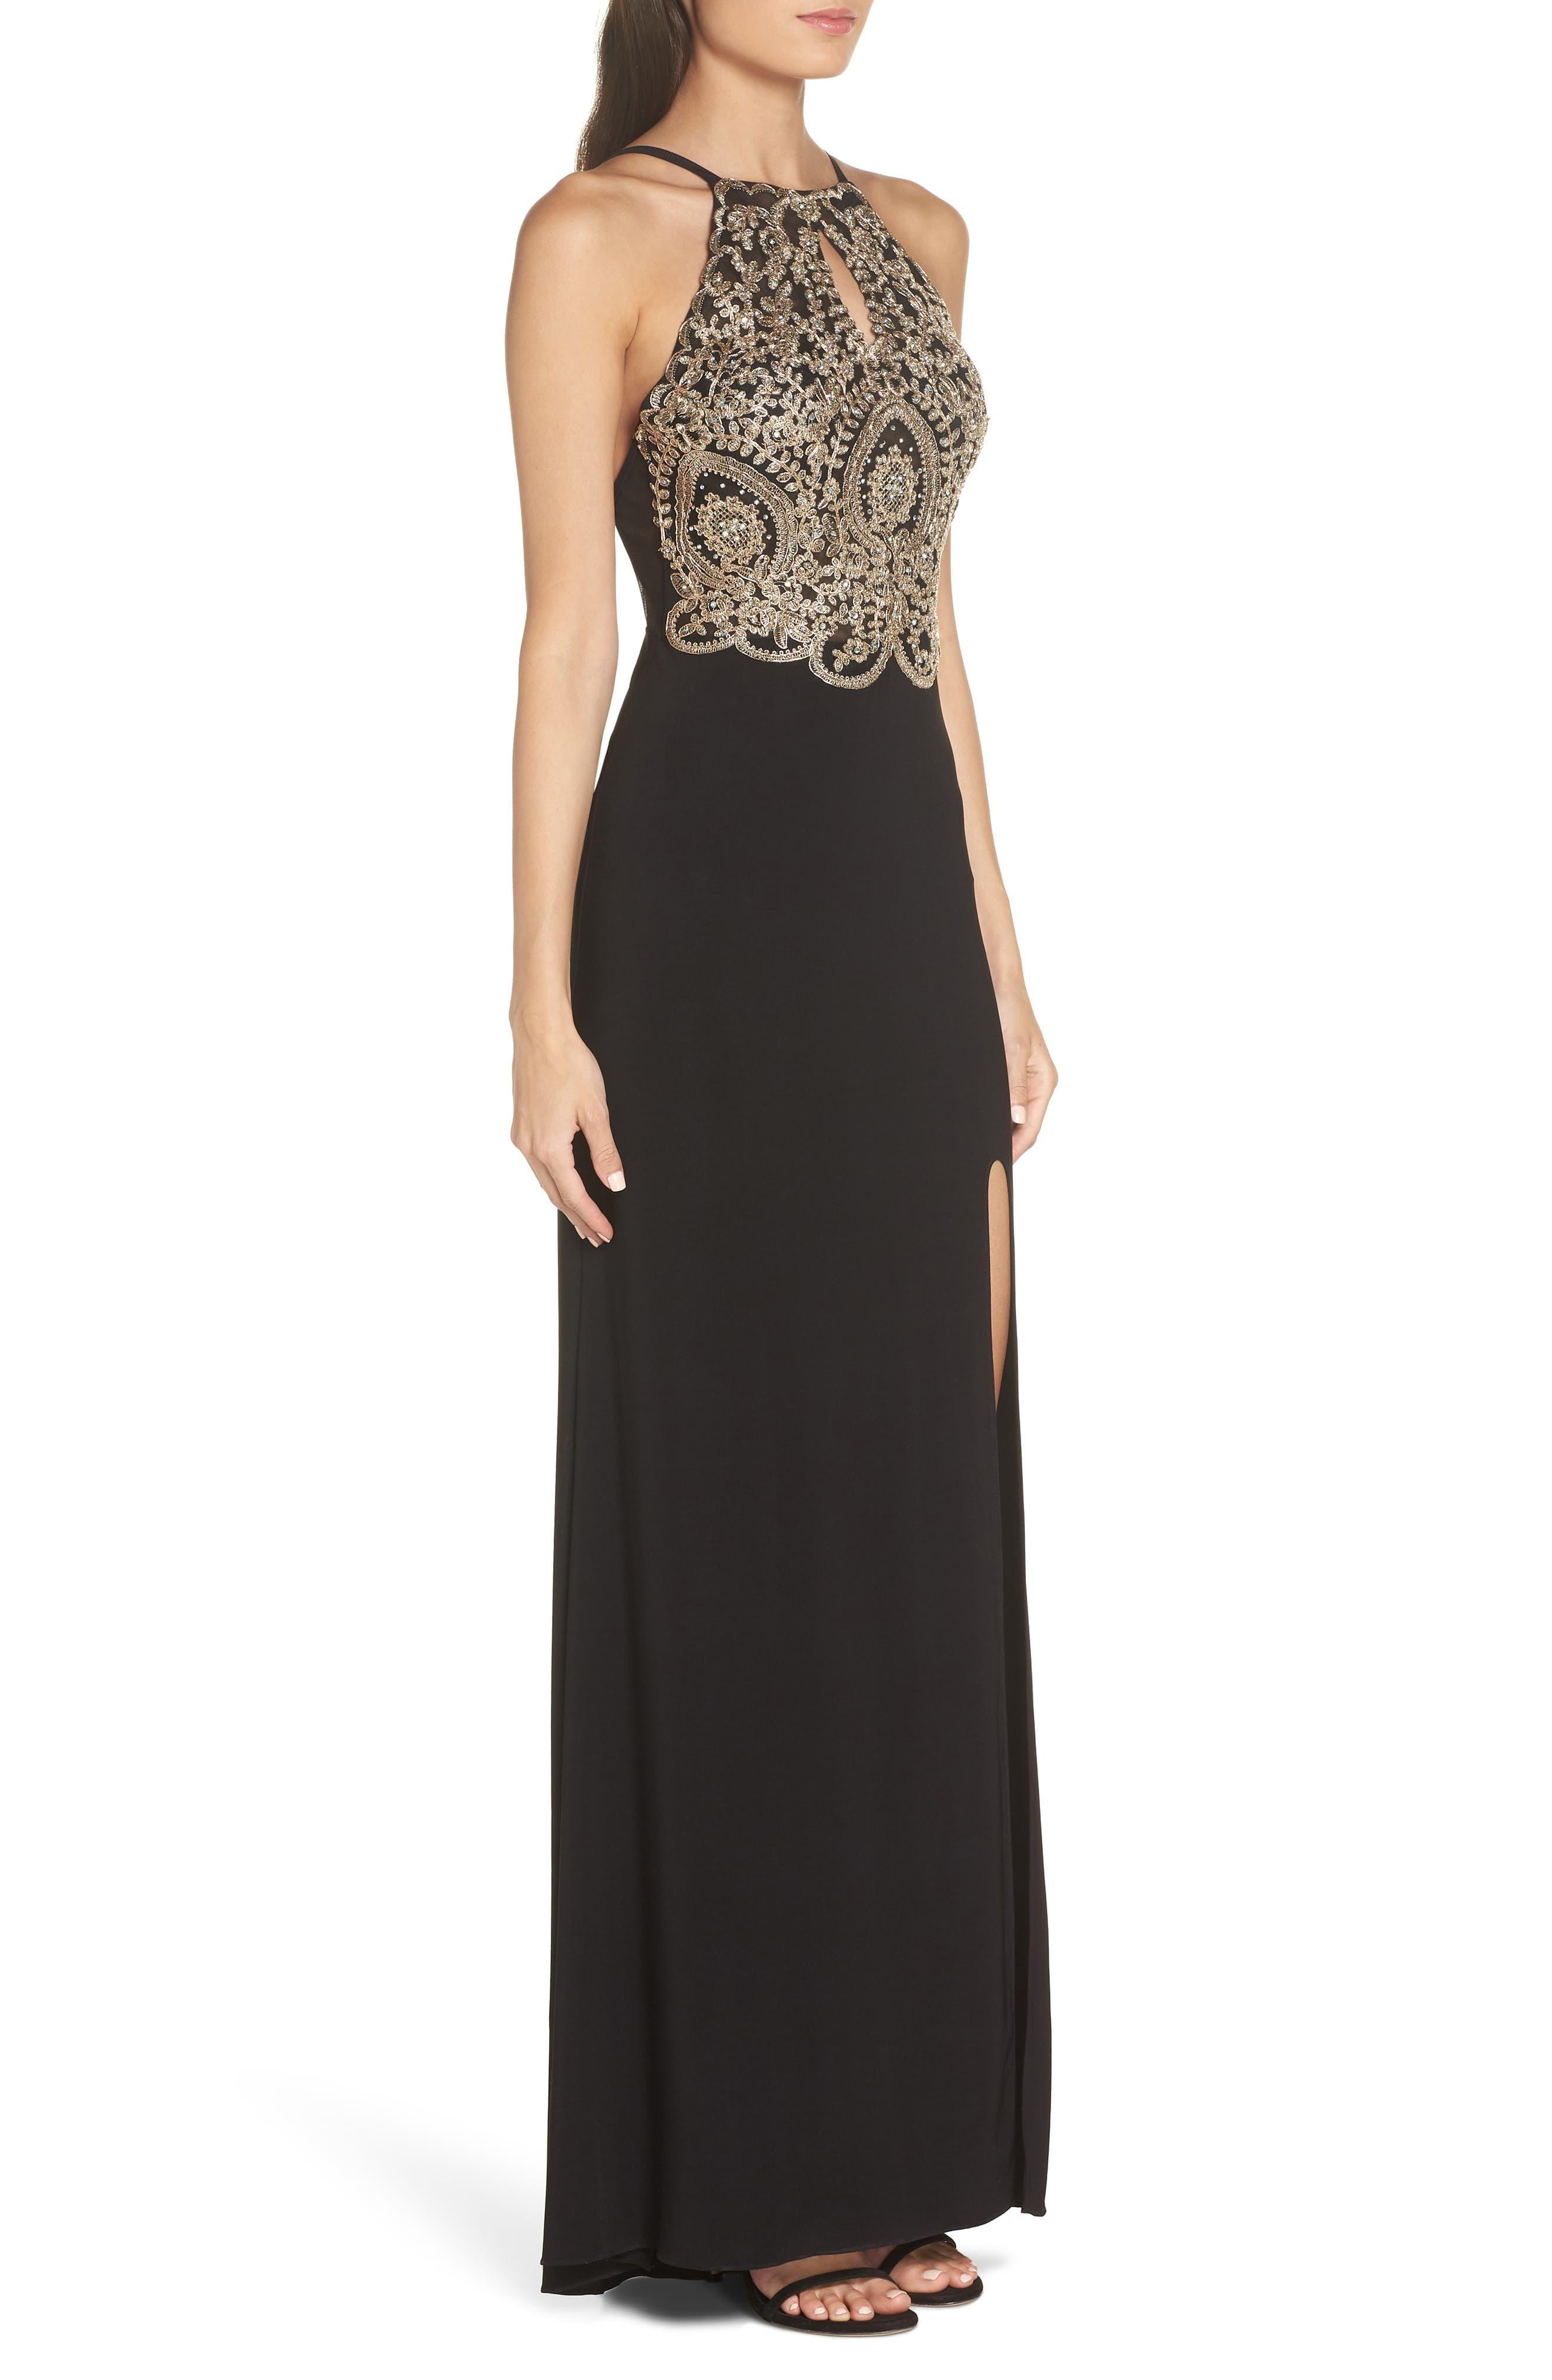 BLONDIE NITES,                             Embellished Appliqué Halter Gown,                             Alternate thumbnail 3, color,                             BLACK/ GOLD